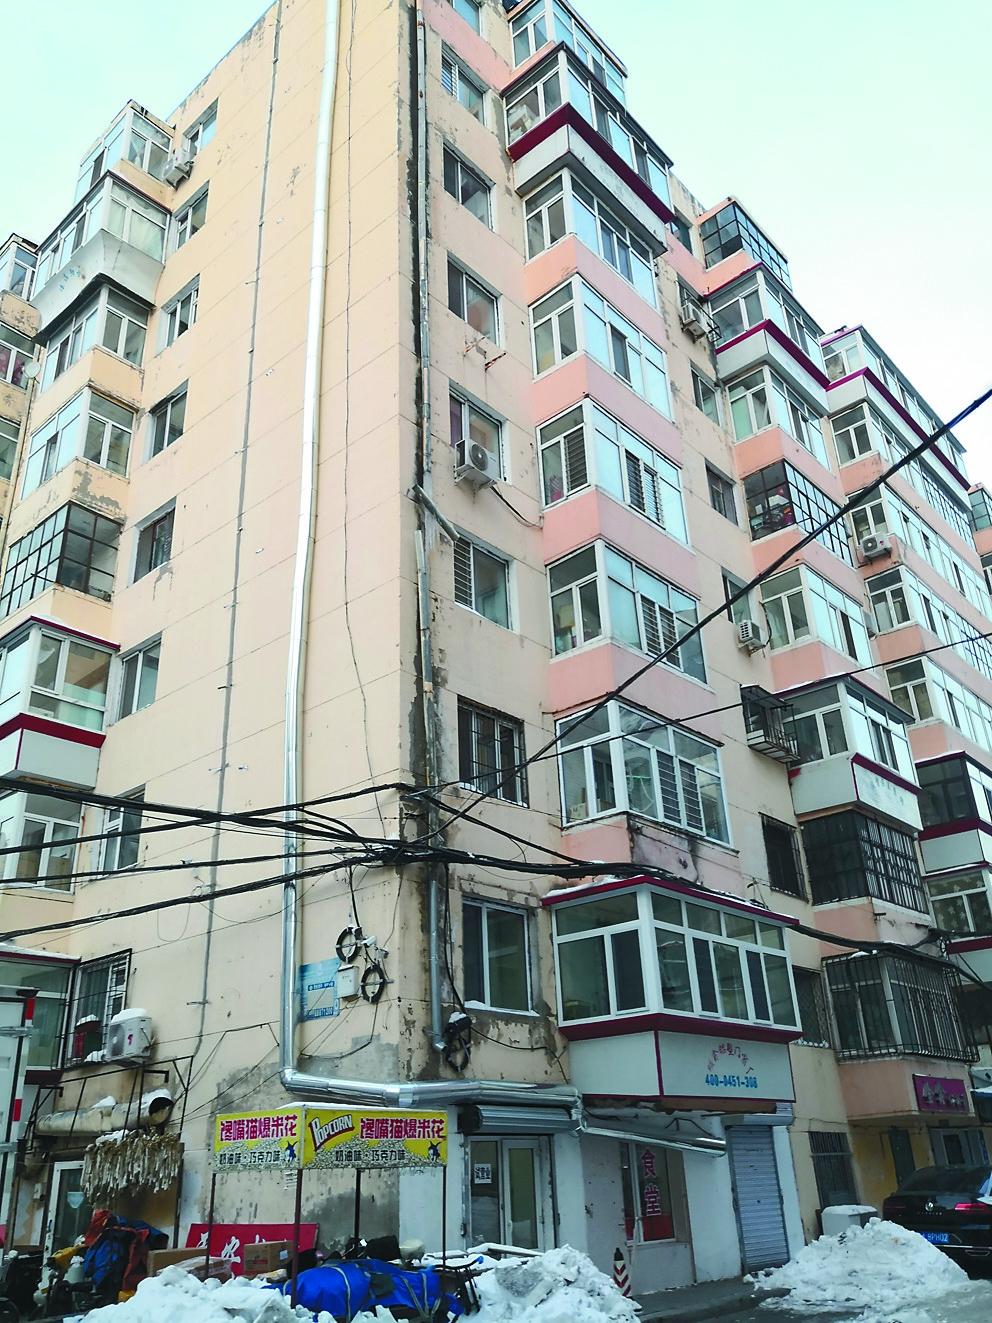 哈尔滨市道里区一面街54号院二楼居民饱受油烟噪声之苦谁管?